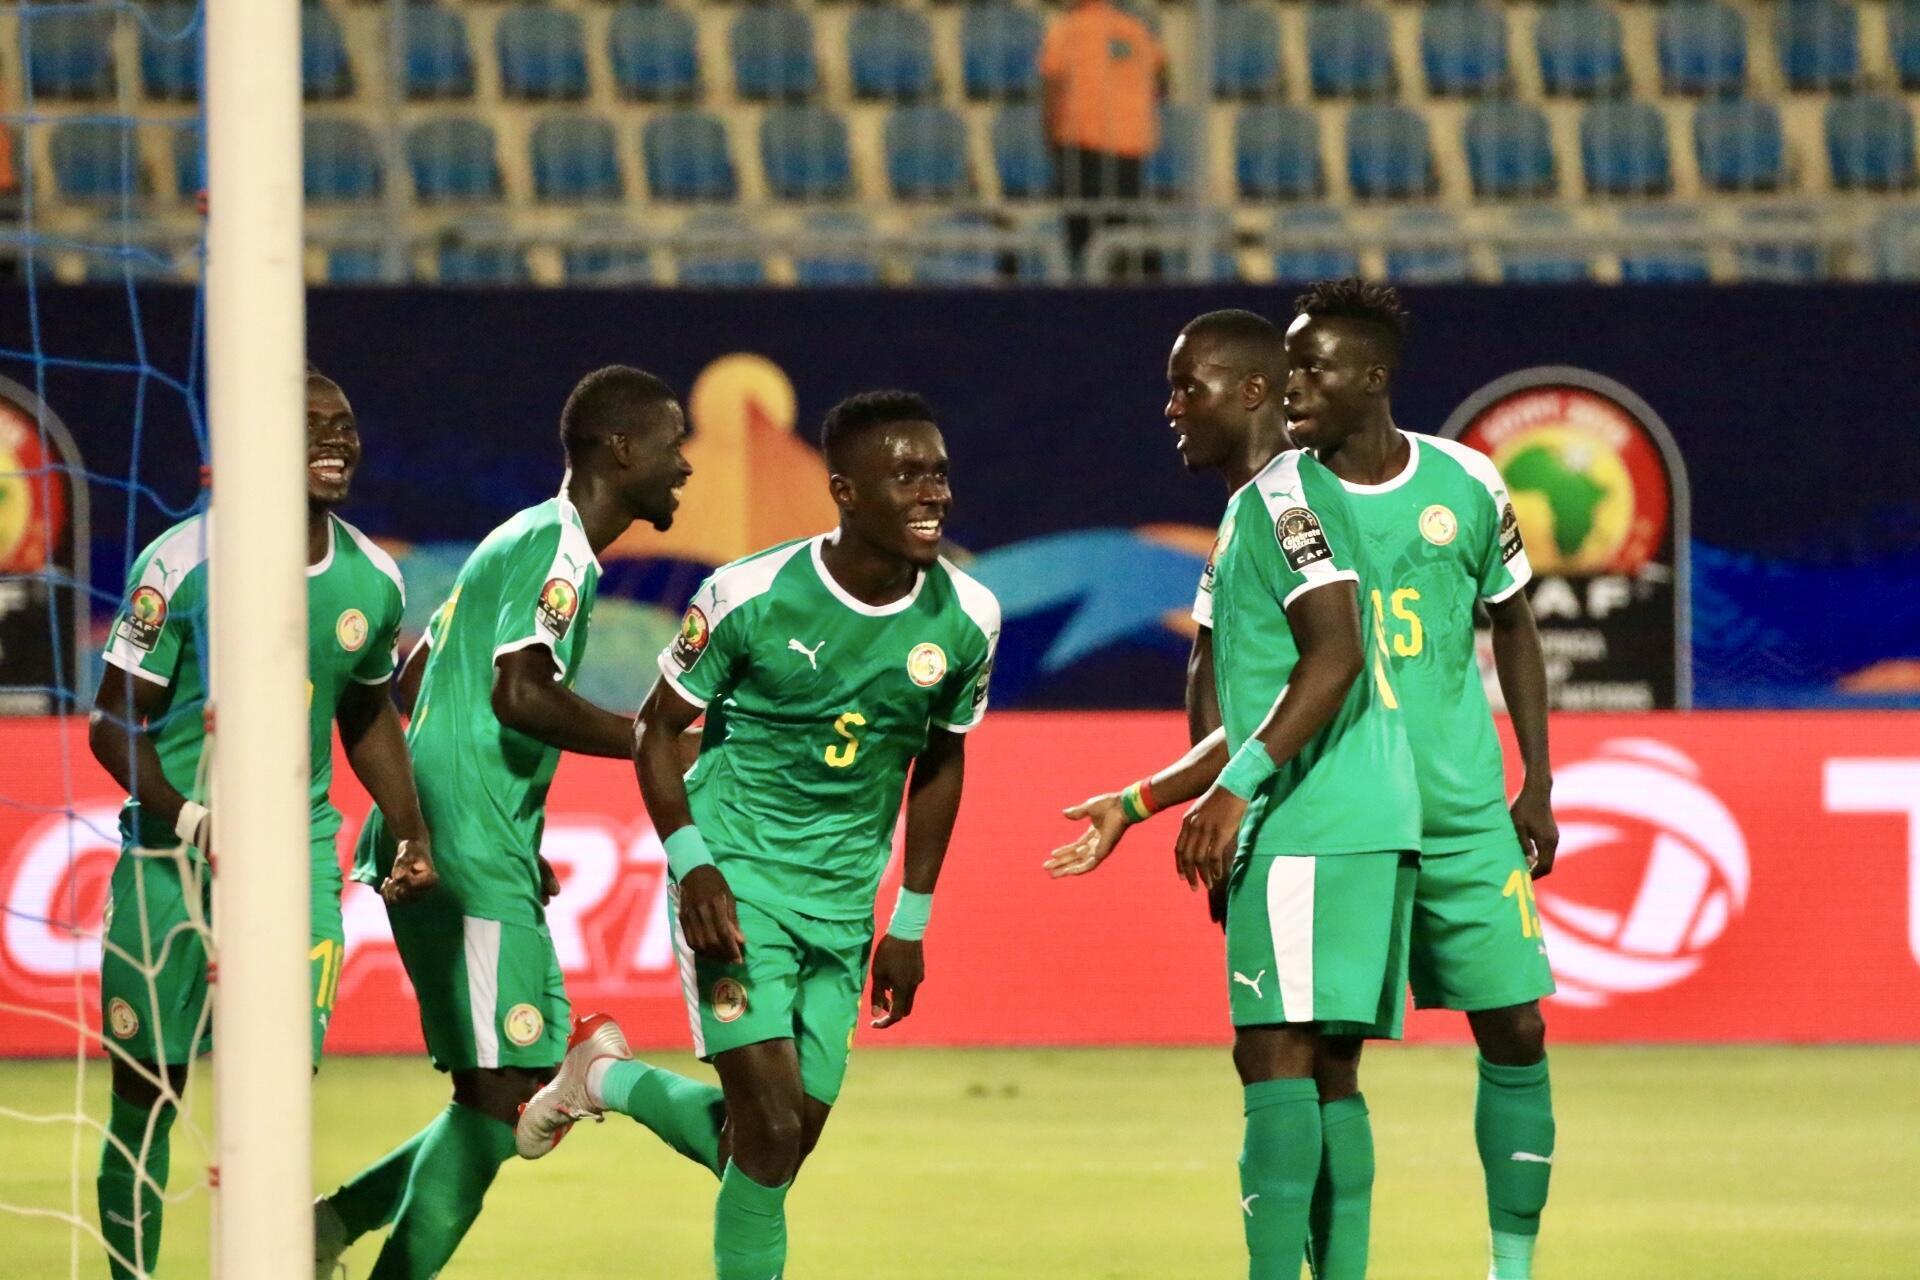 Senegal wakisherehekea bao la Idrissa Gana Gueye dhidi ya Benin katika robo fainali za AFCON 2019.